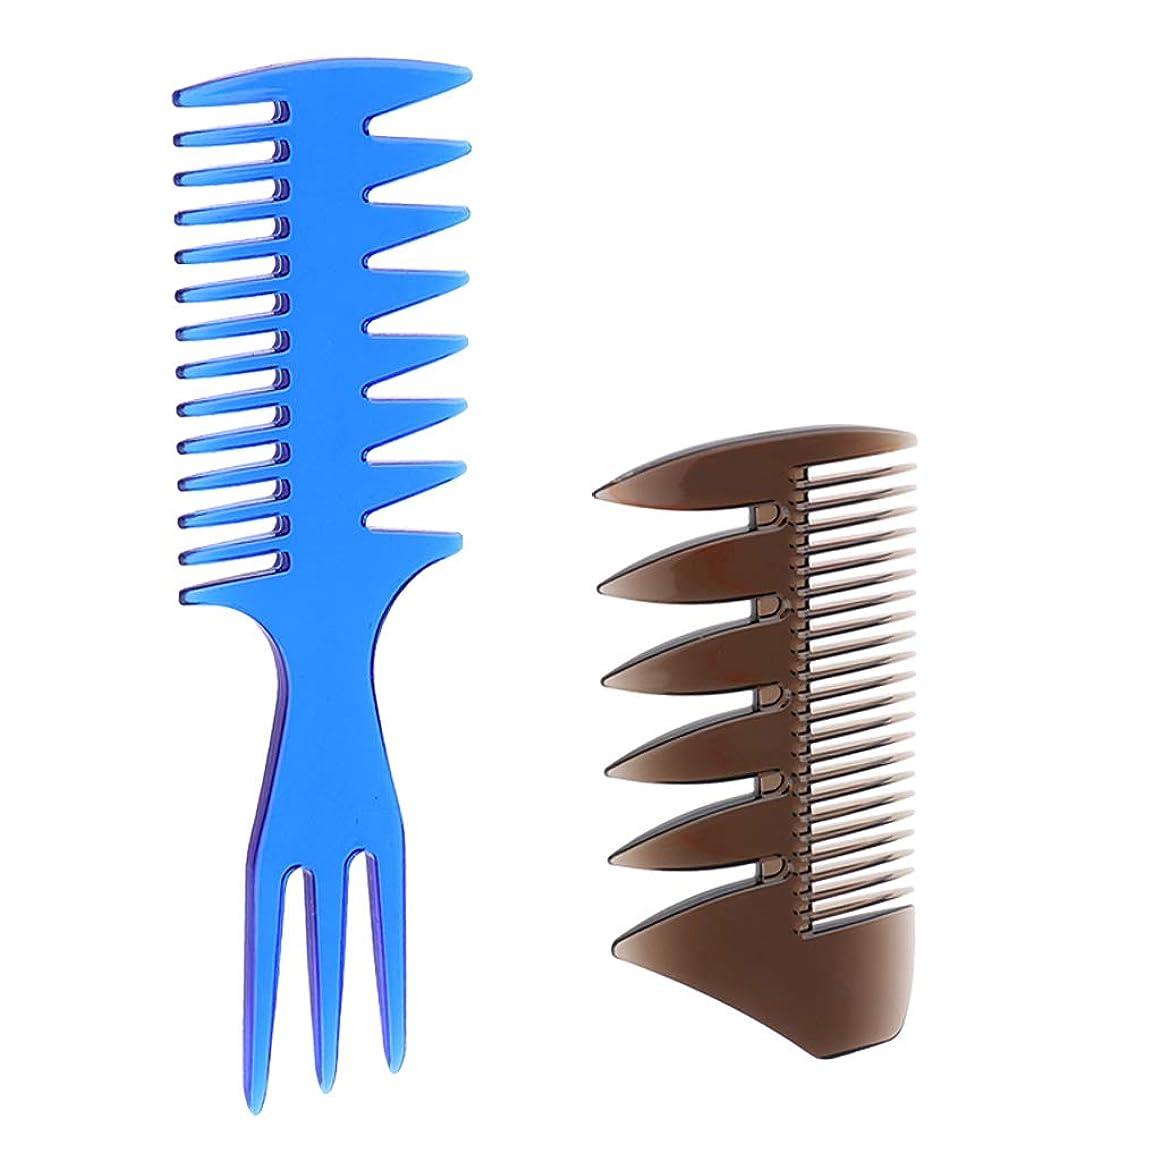 重なる船尾葉を拾うT TOOYFUL 2本 男性の油性の髪 櫛のサロンの色素 整髪美容整形幅広い歯